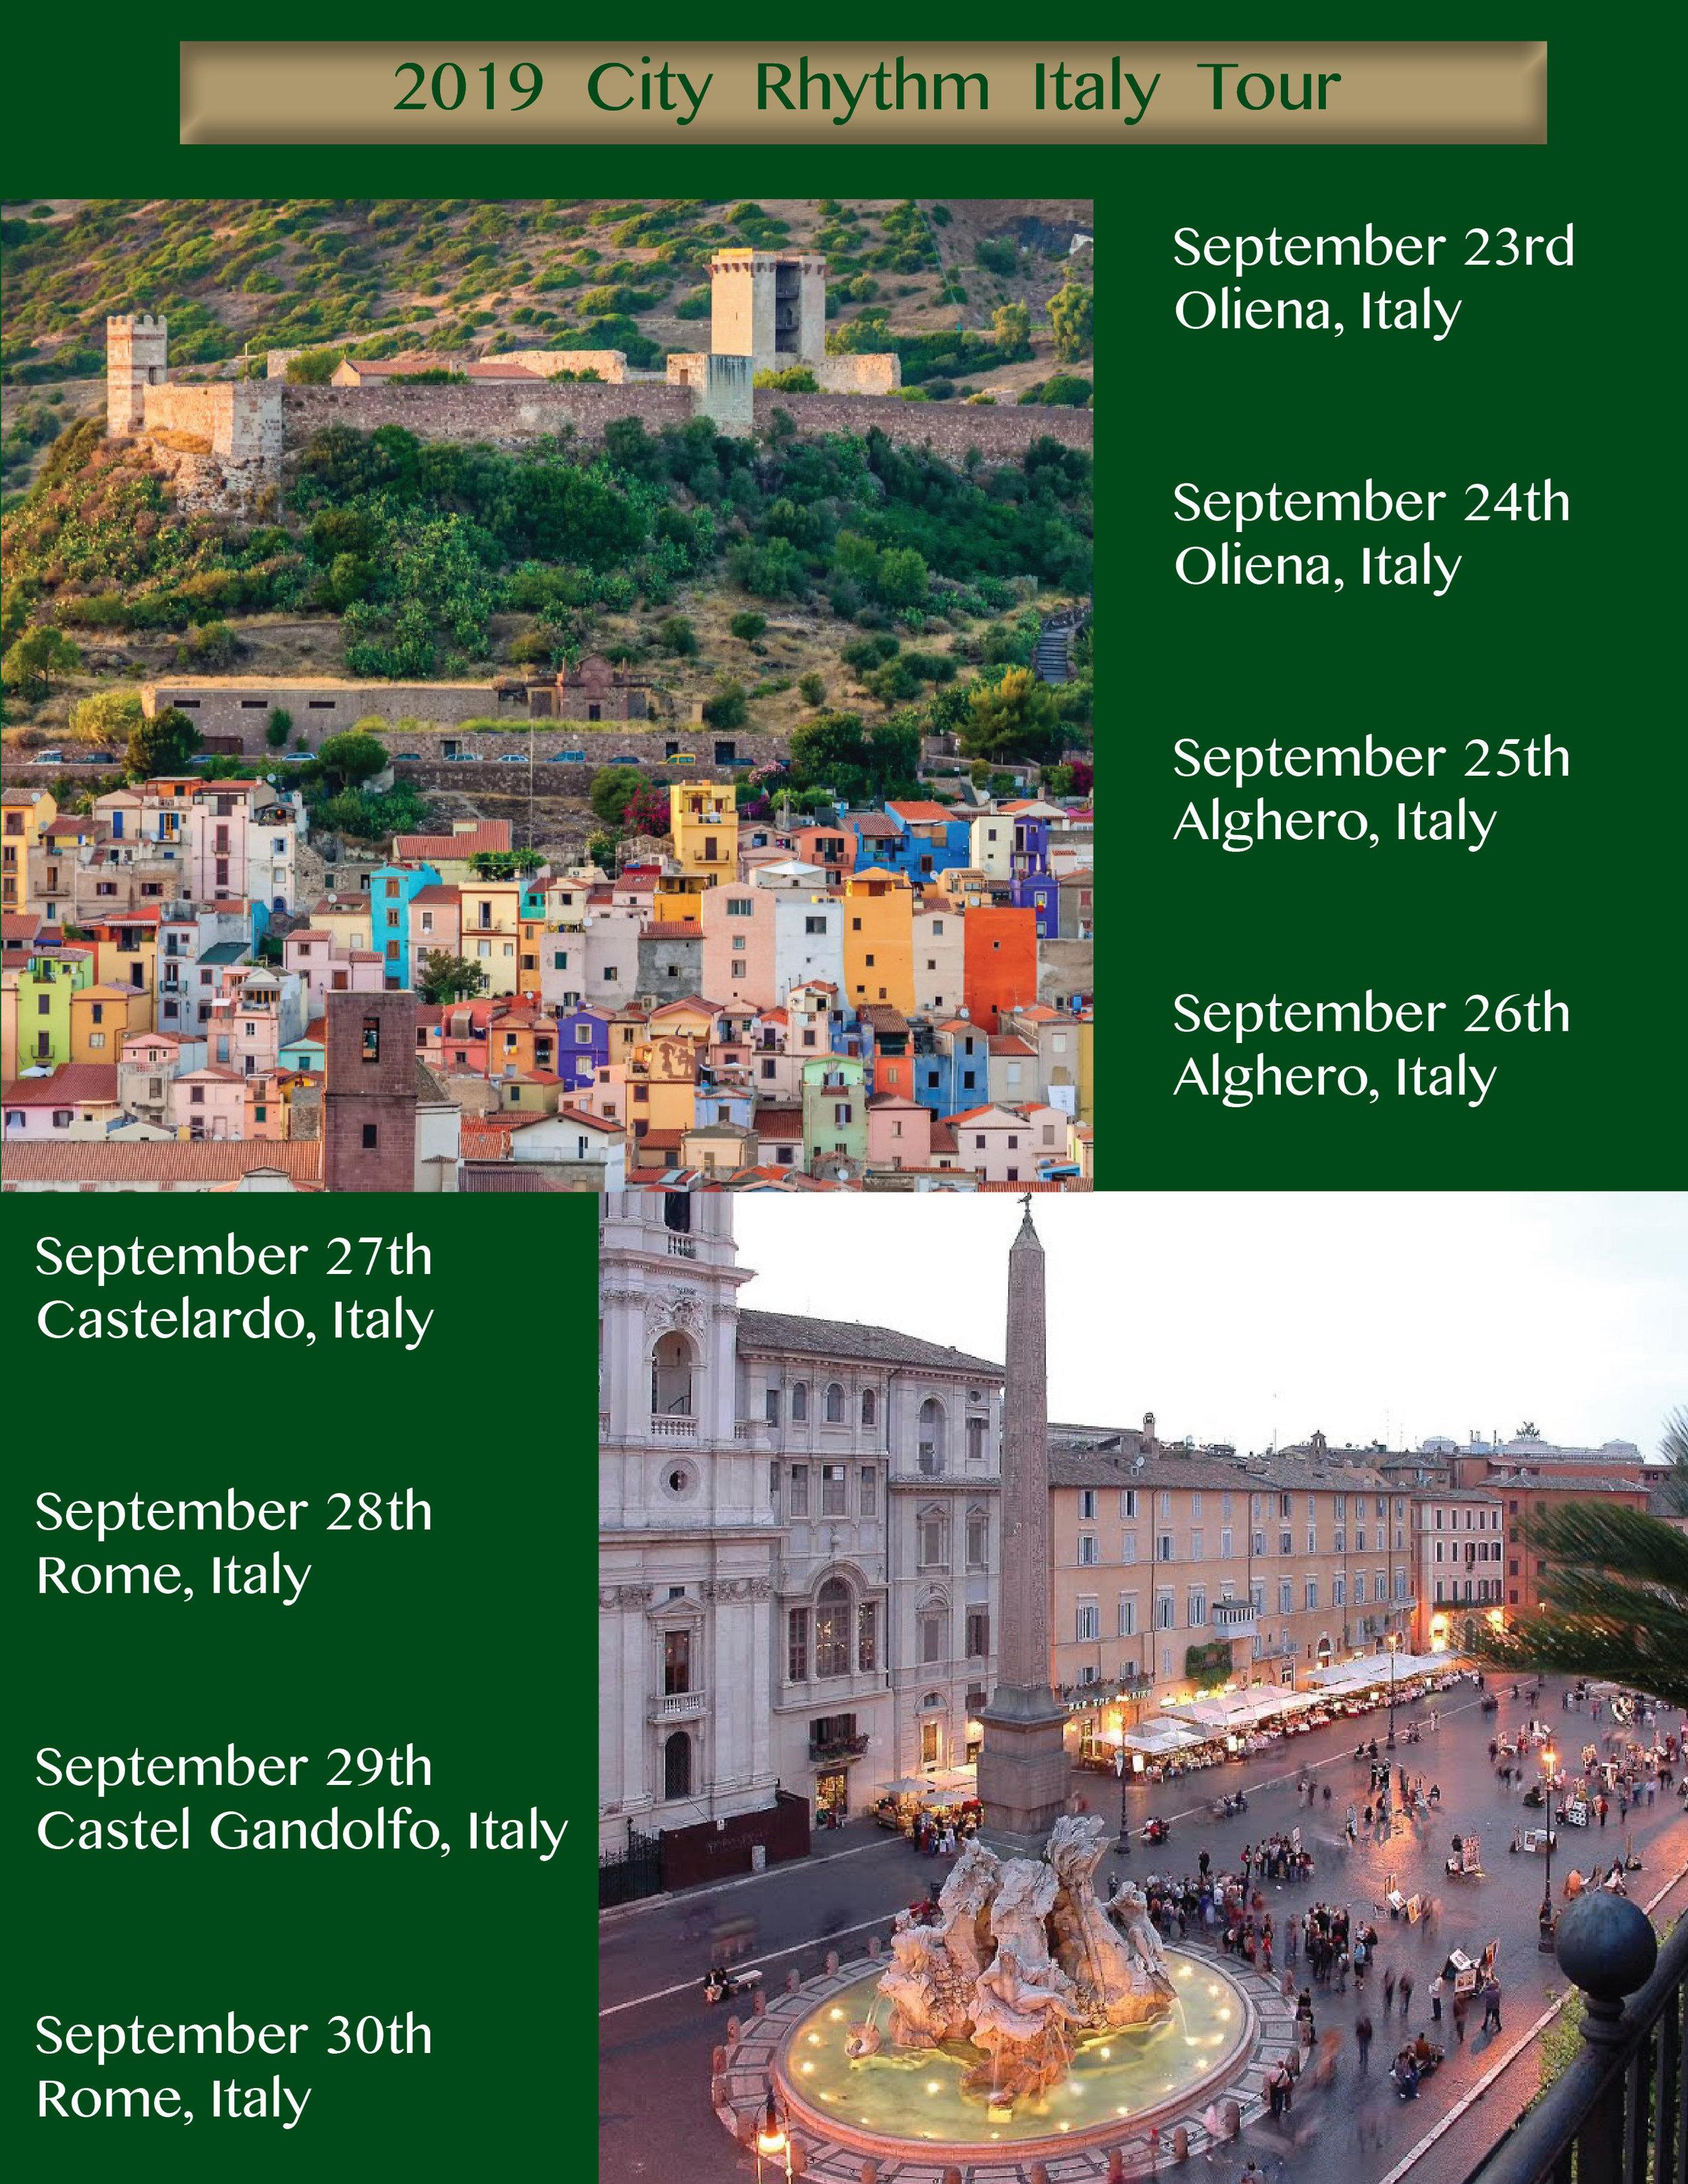 9-22-19 2019 Italy list.jpg